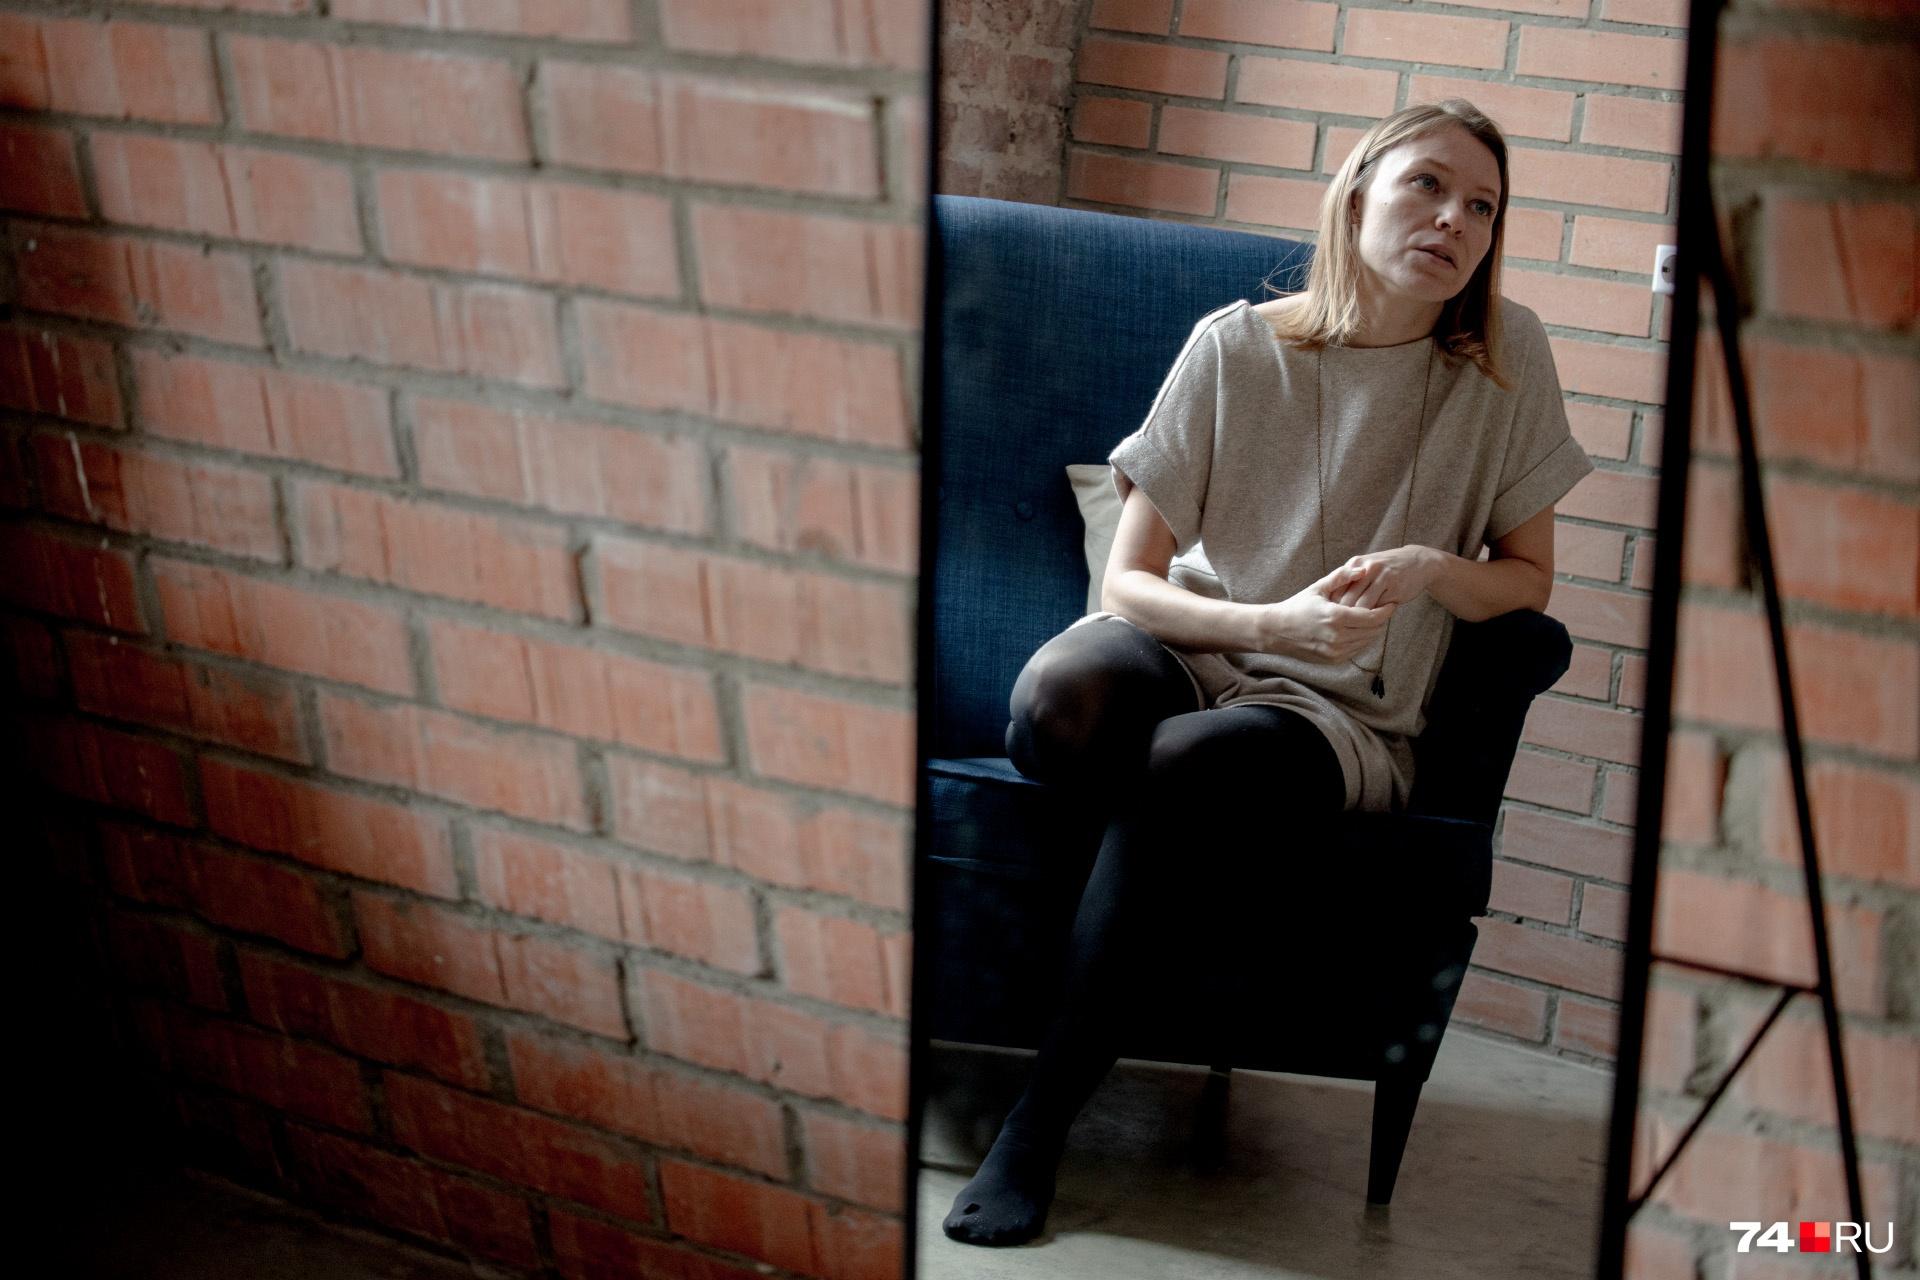 Психолог-сексолог арендует в Svoboda2 сразу несколько помещений — просторное для магазина и лектория и небольшой кабинет для личных приемов